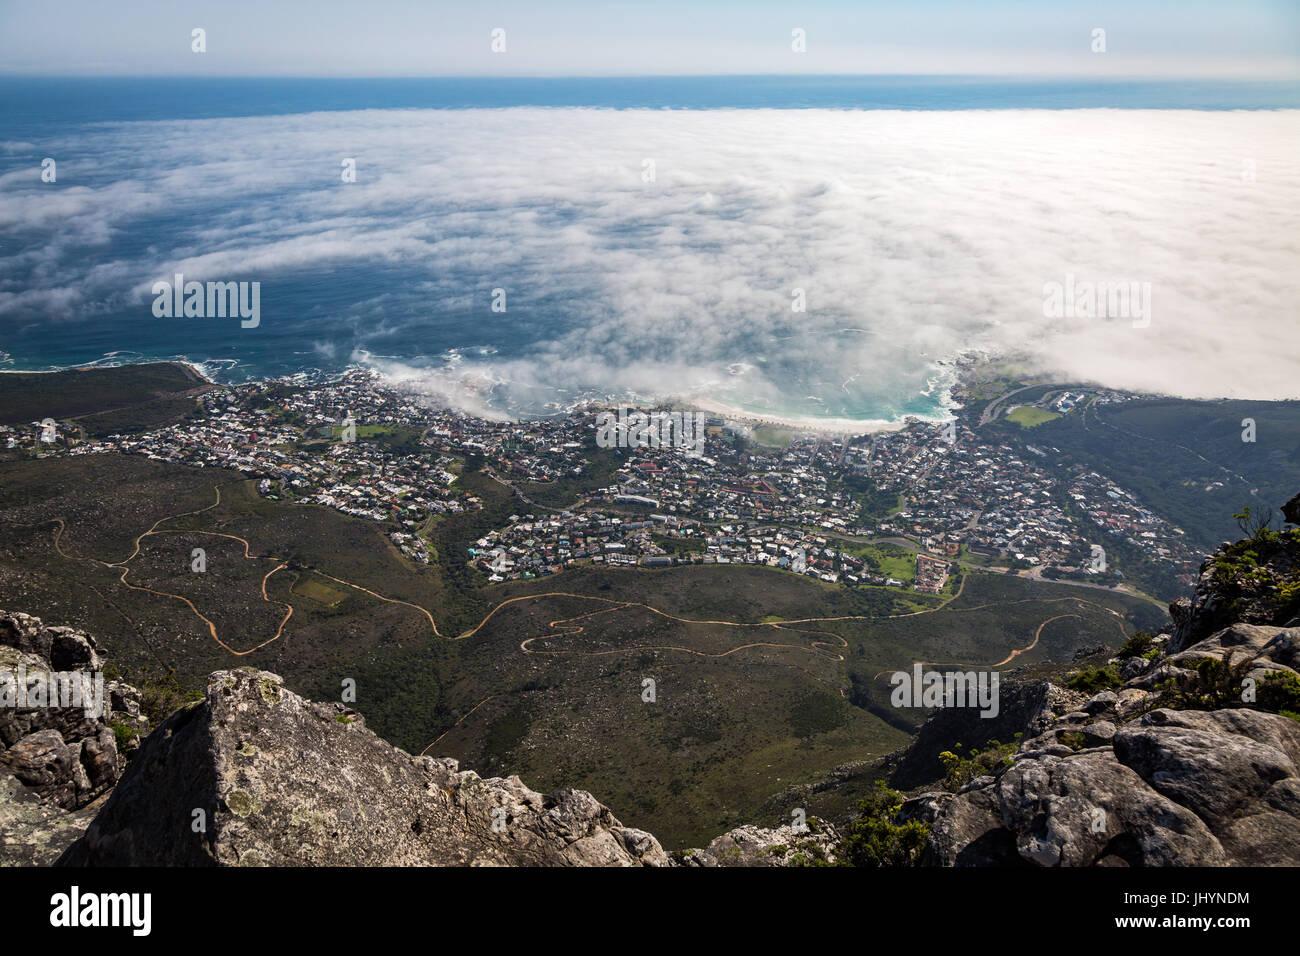 Die Aussicht vom Tafelberg über Camps Bay bedeckt niedrige Wolken, Cape Town, Südafrika, Afrika Stockbild